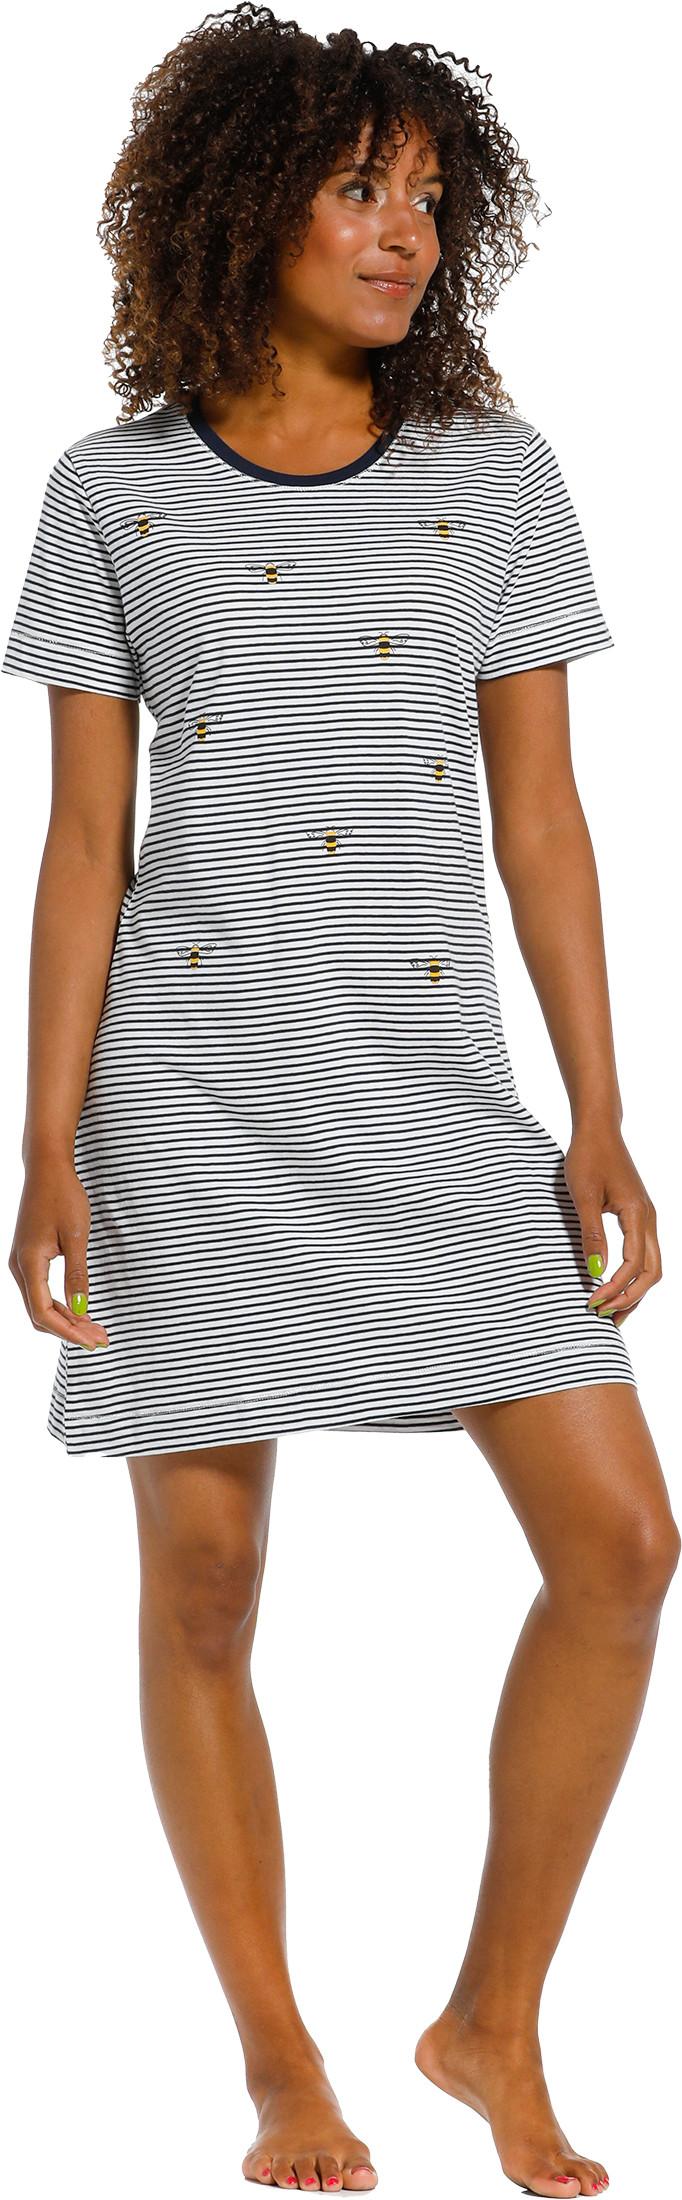 Dames nachthemd Rebelle 11211-400-3-42